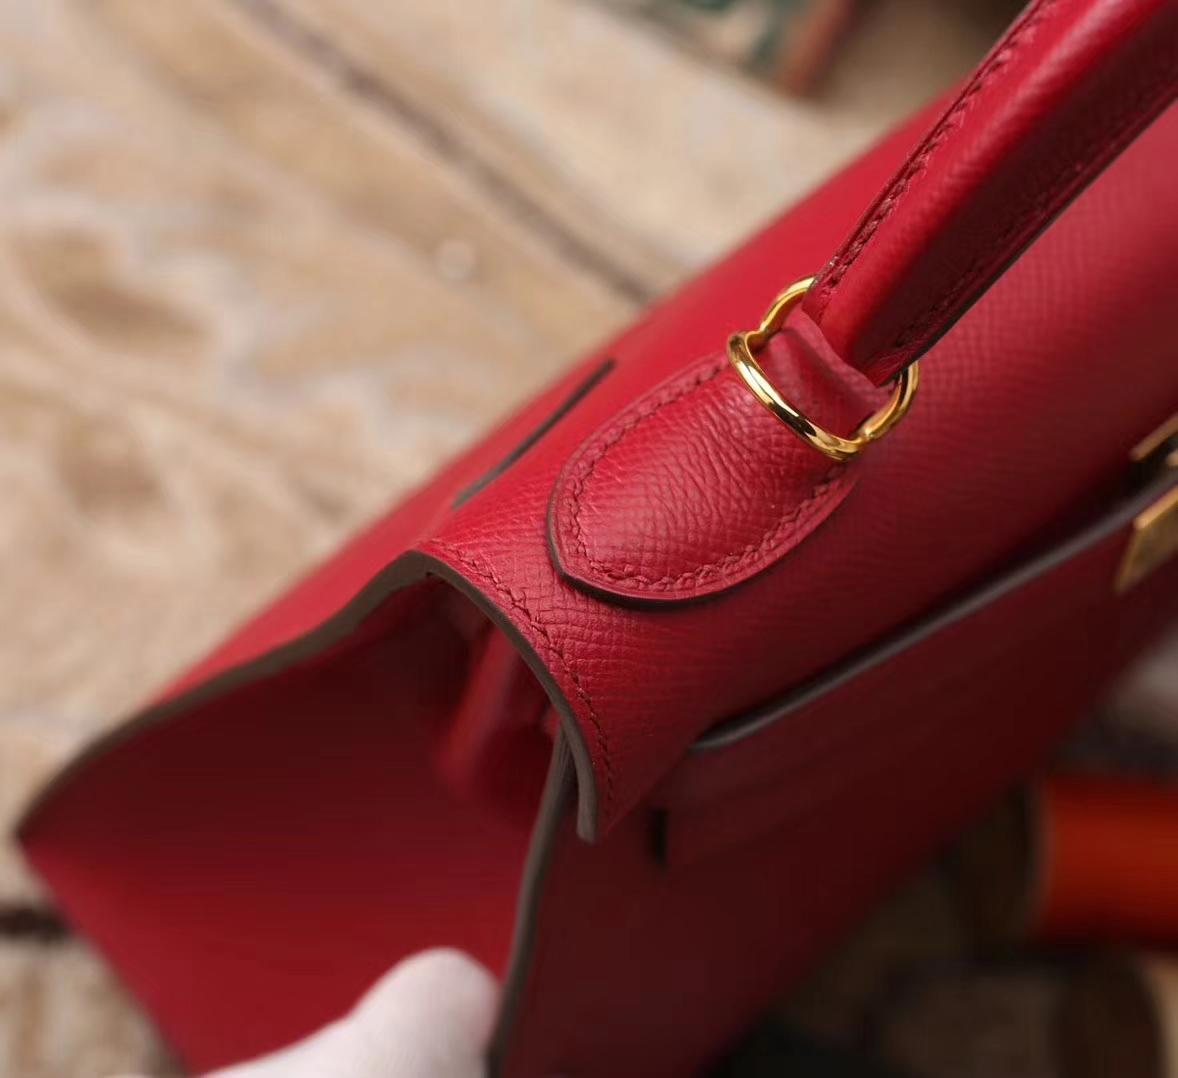 Hermes Kelly 28 K1 石榴红 原厂御用顶级Epsom皮 外缝 金扣 现货